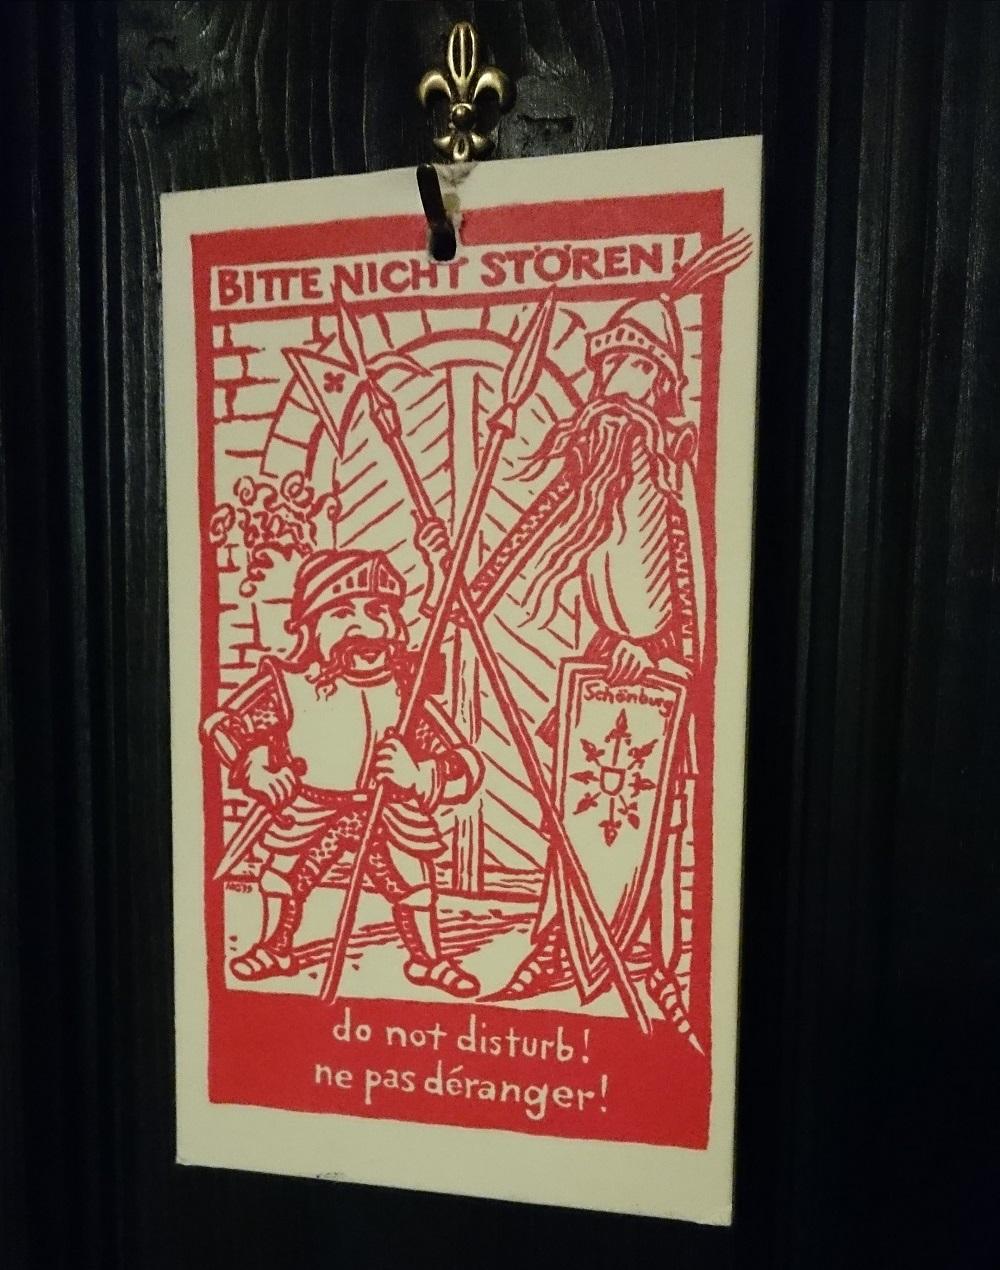 door hanger in German bitte nicht storen